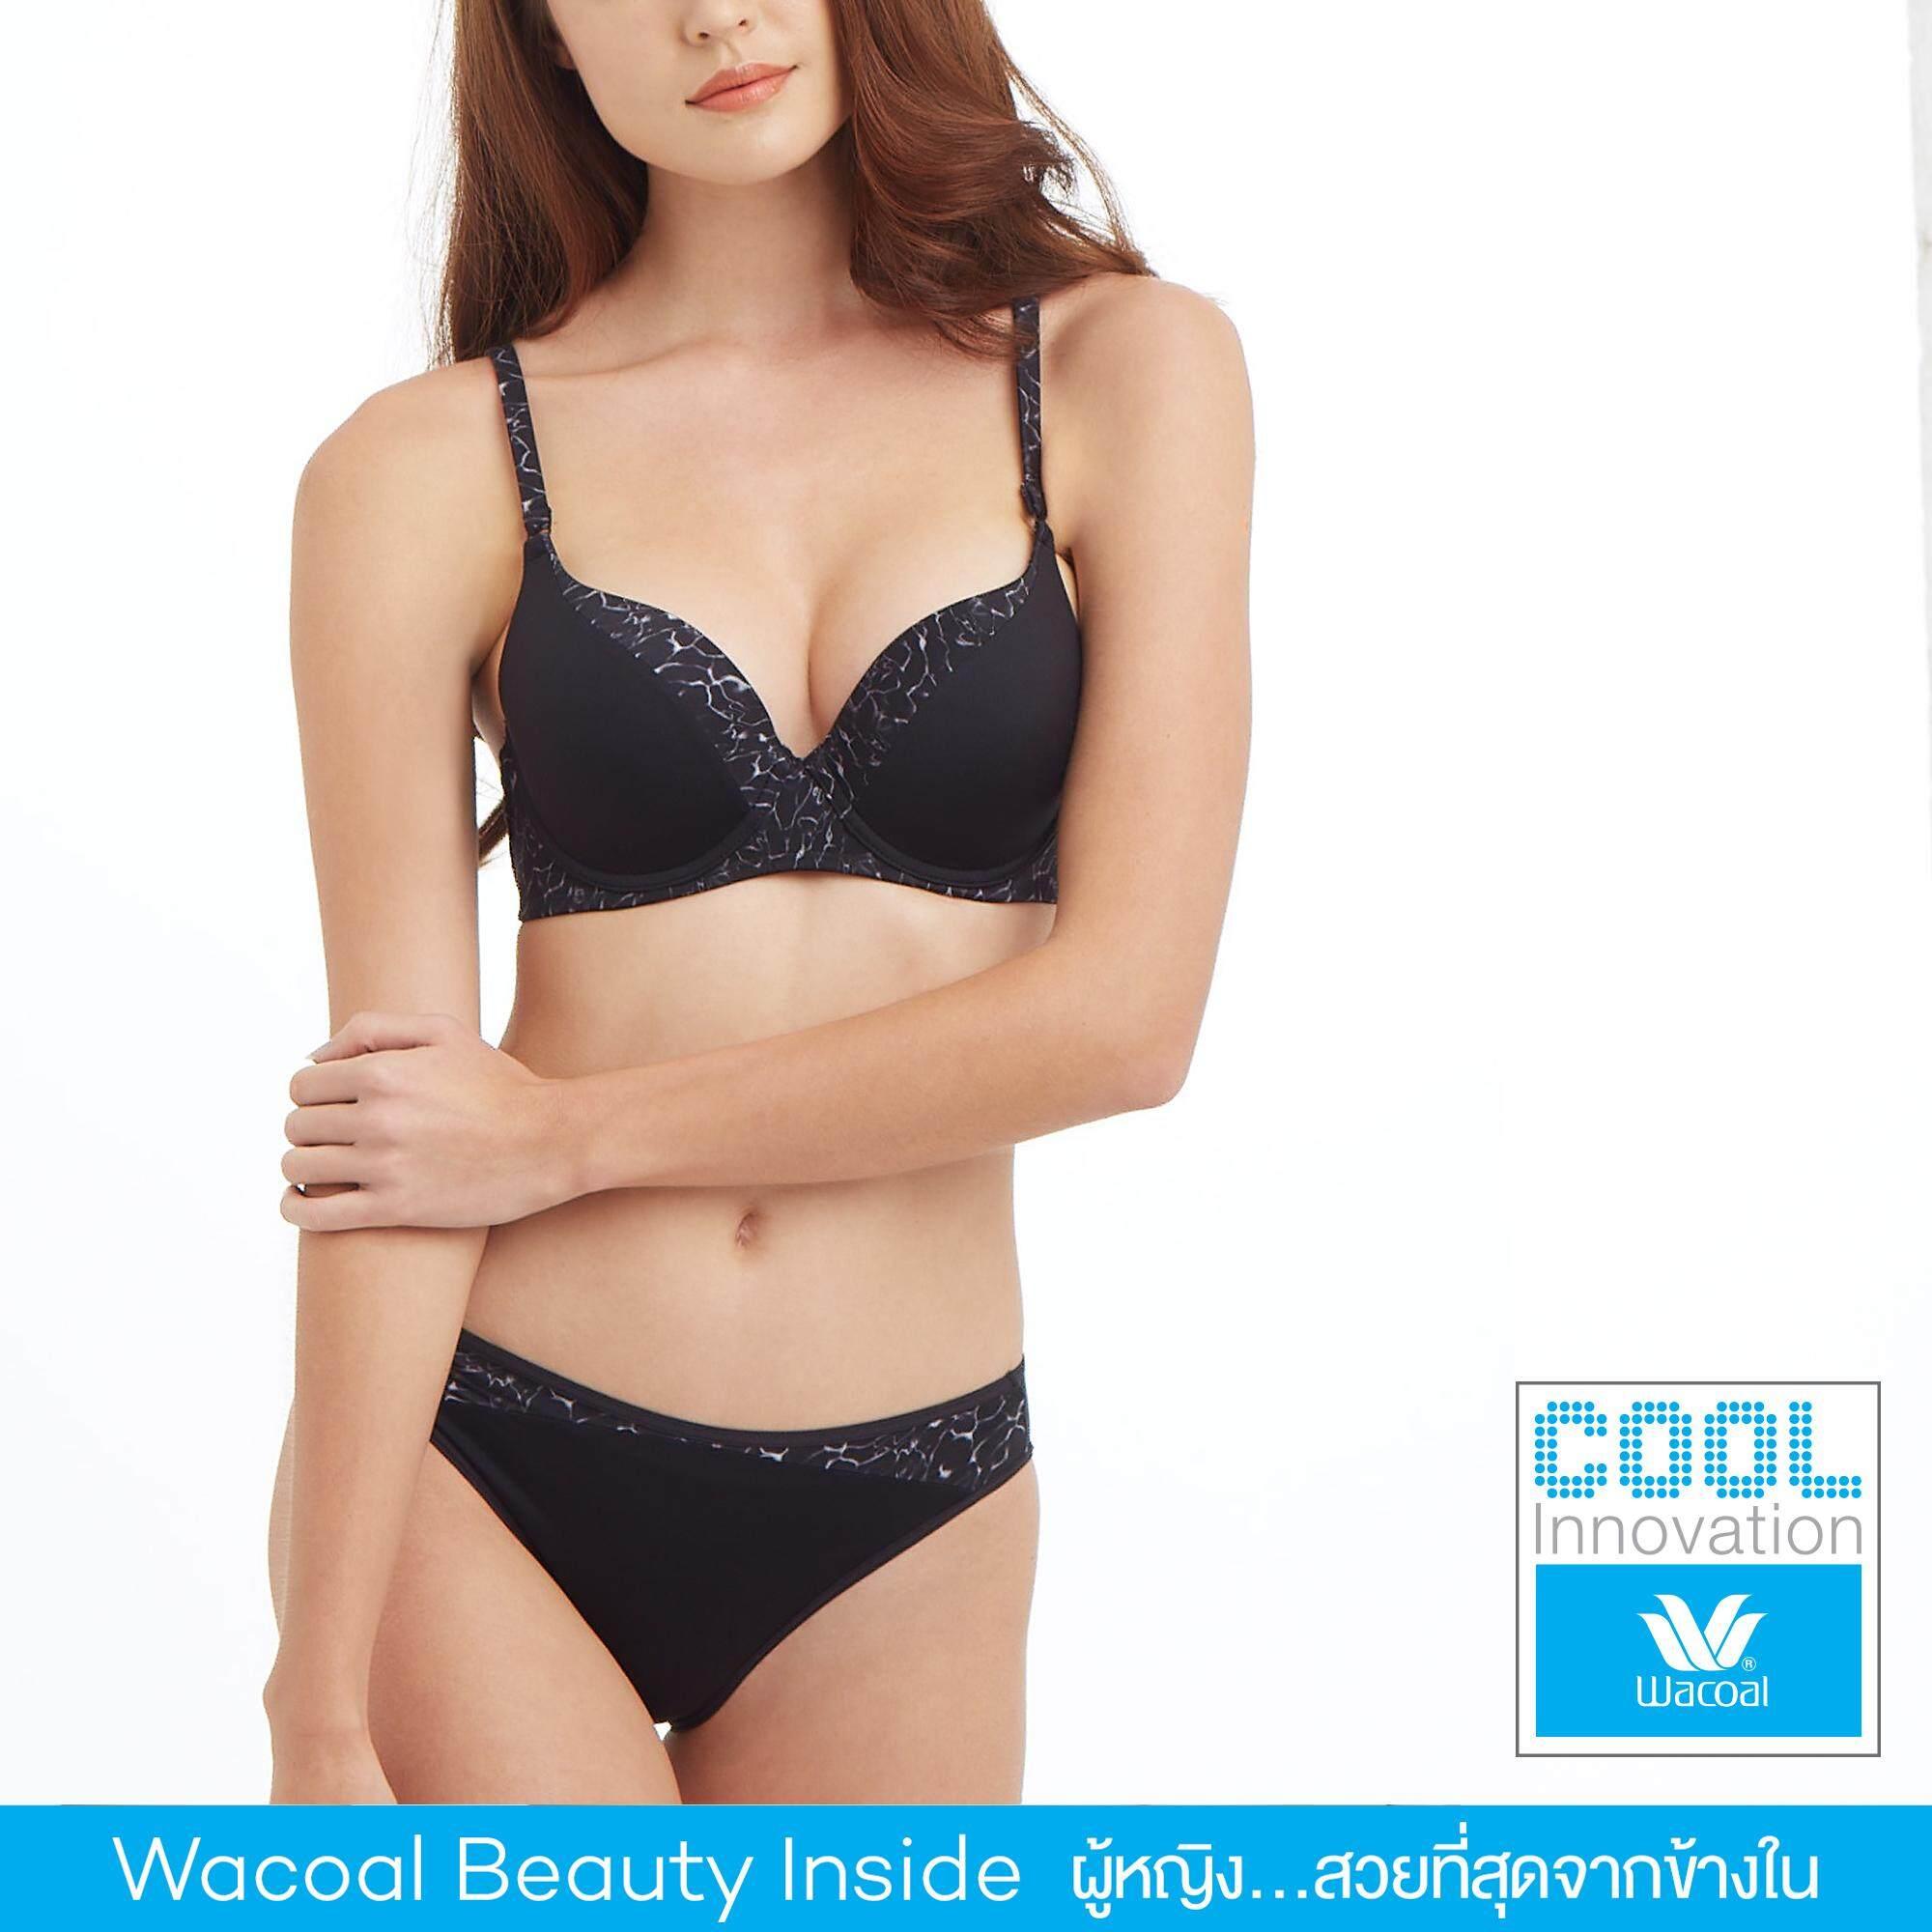 Wacoal Cool innovation เซ็ทชุดชั้นในกางเกงชั้นใน Push up Bra 3/4 Cup - WB5P49-W65P49